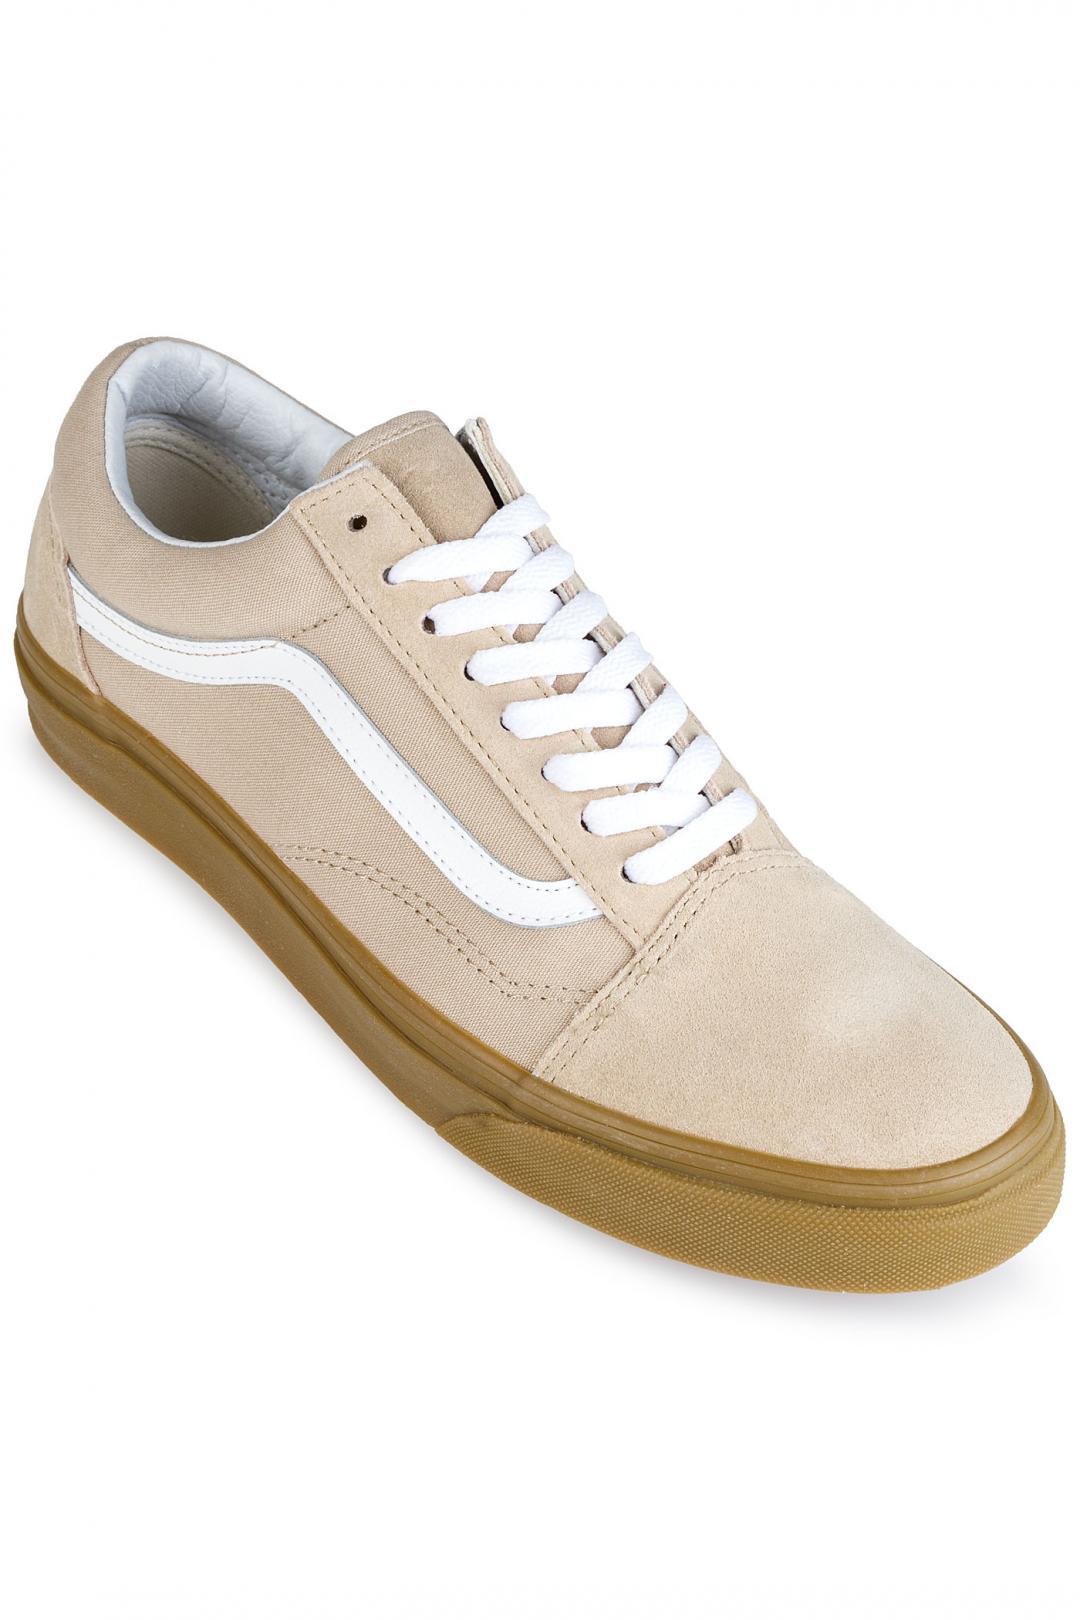 Uomo Vans Old Skool sesame gum   Sneaker